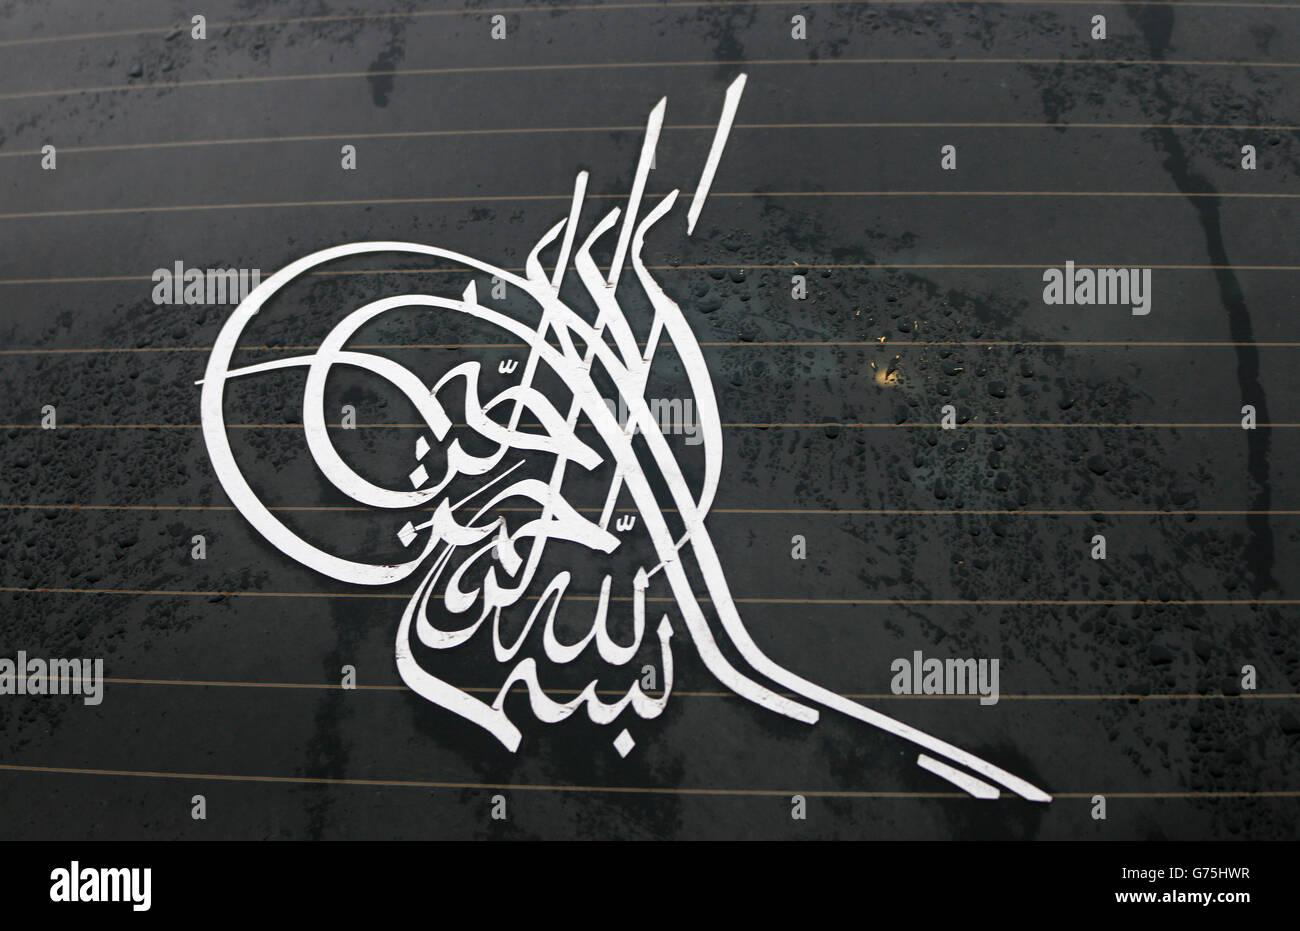 islamisches Zeichen Tugra, Berlin. - Stock Image